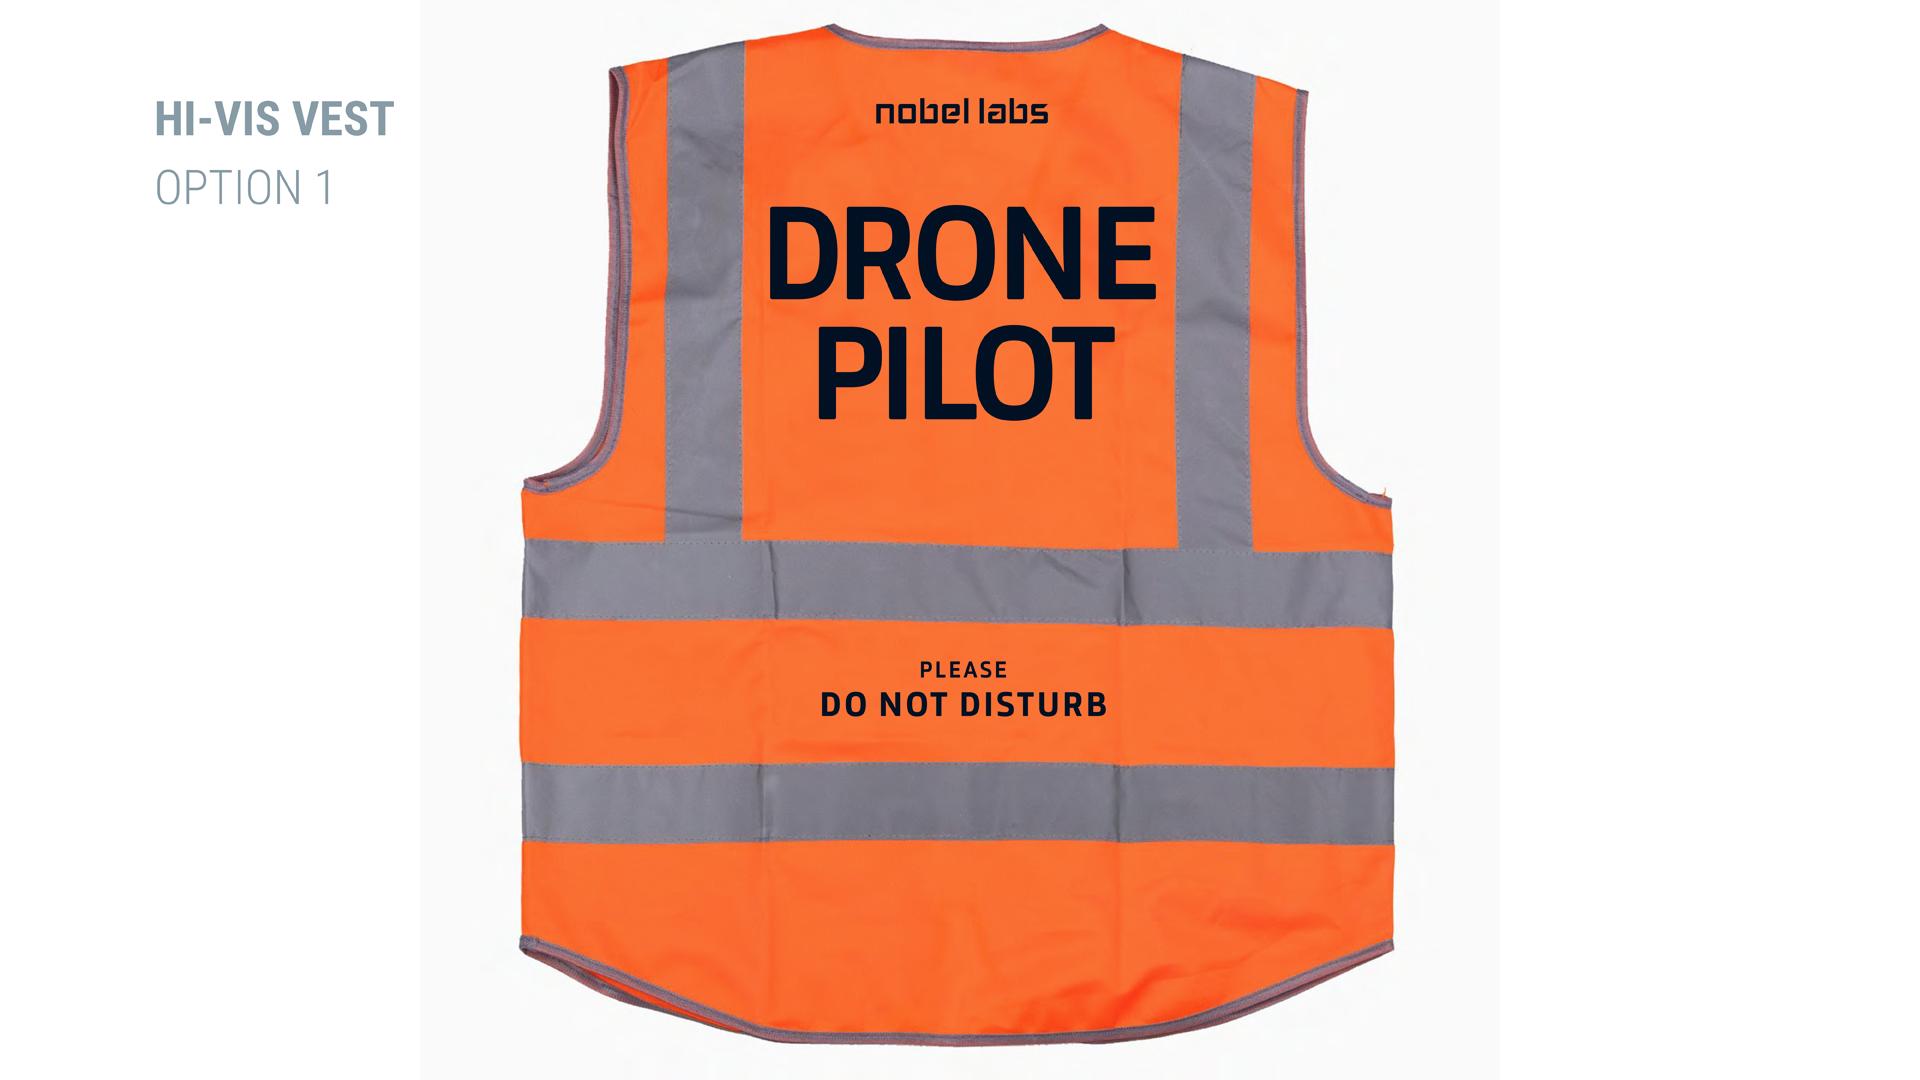 Nobel_branding_droneoperator01.png